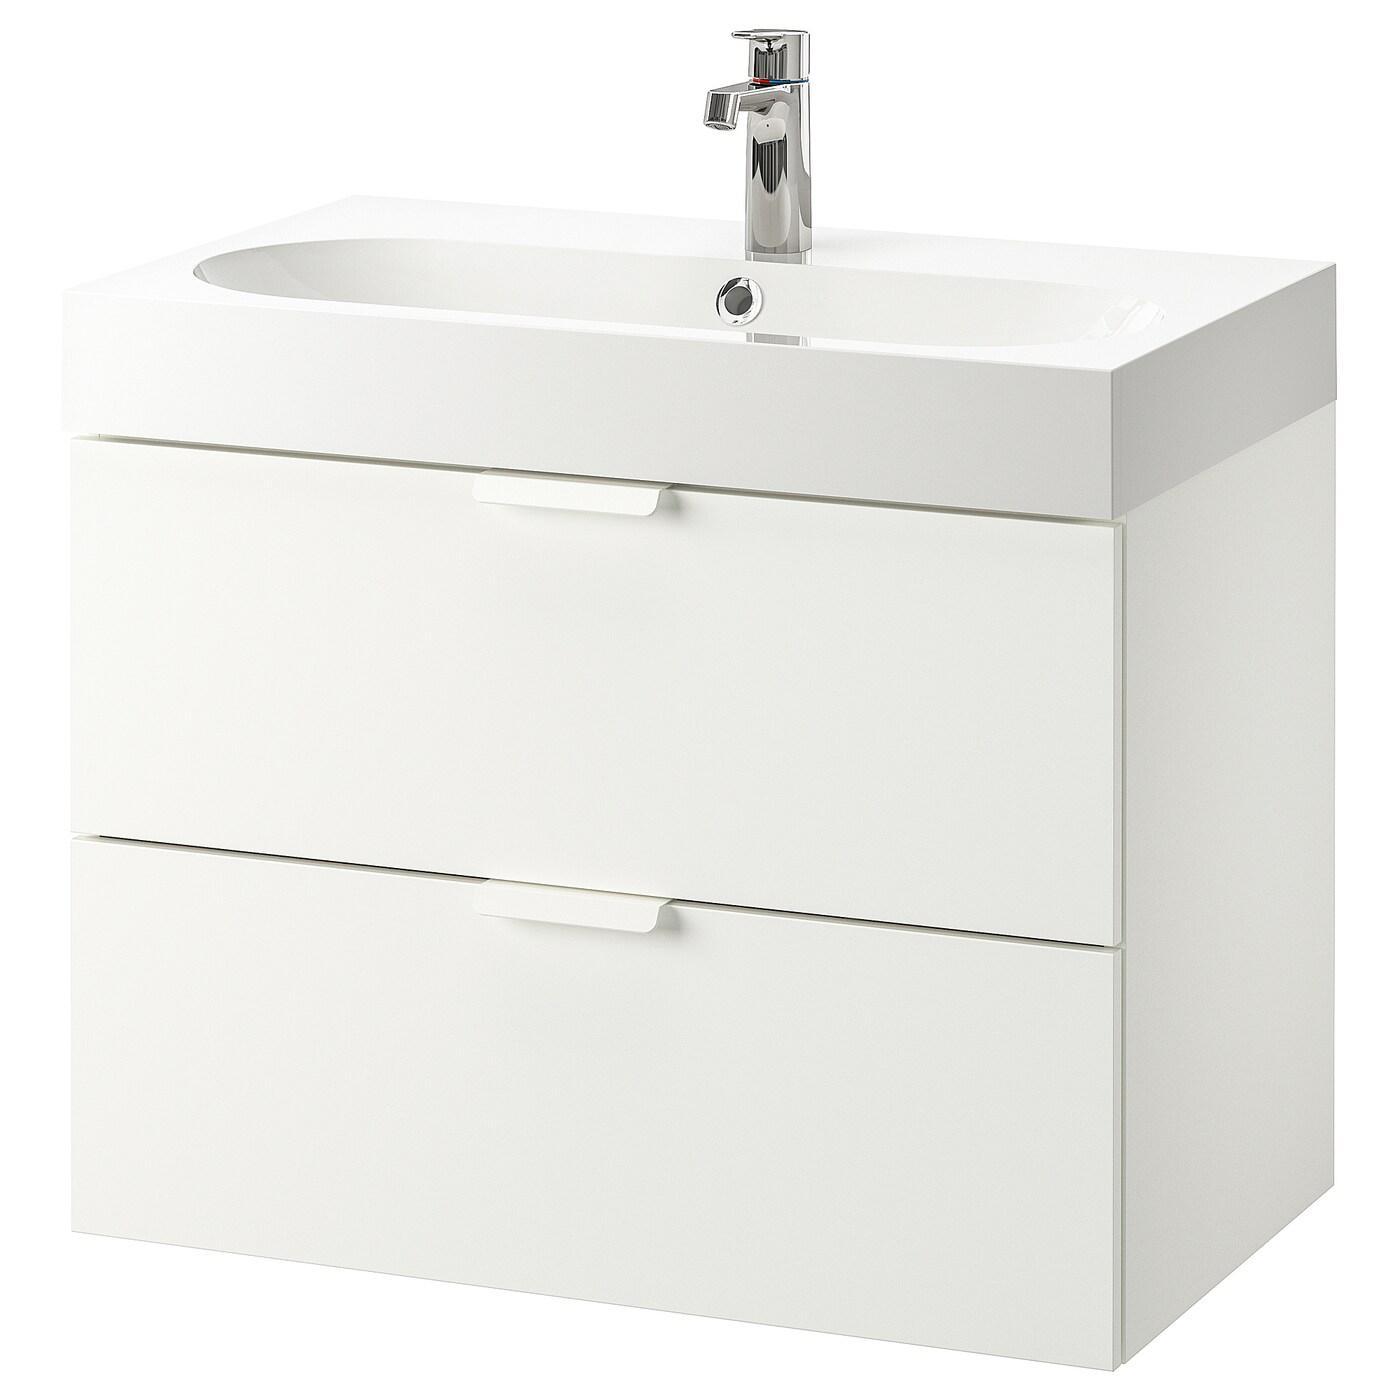 Waschbeckenunterschrank Hängend Ikea